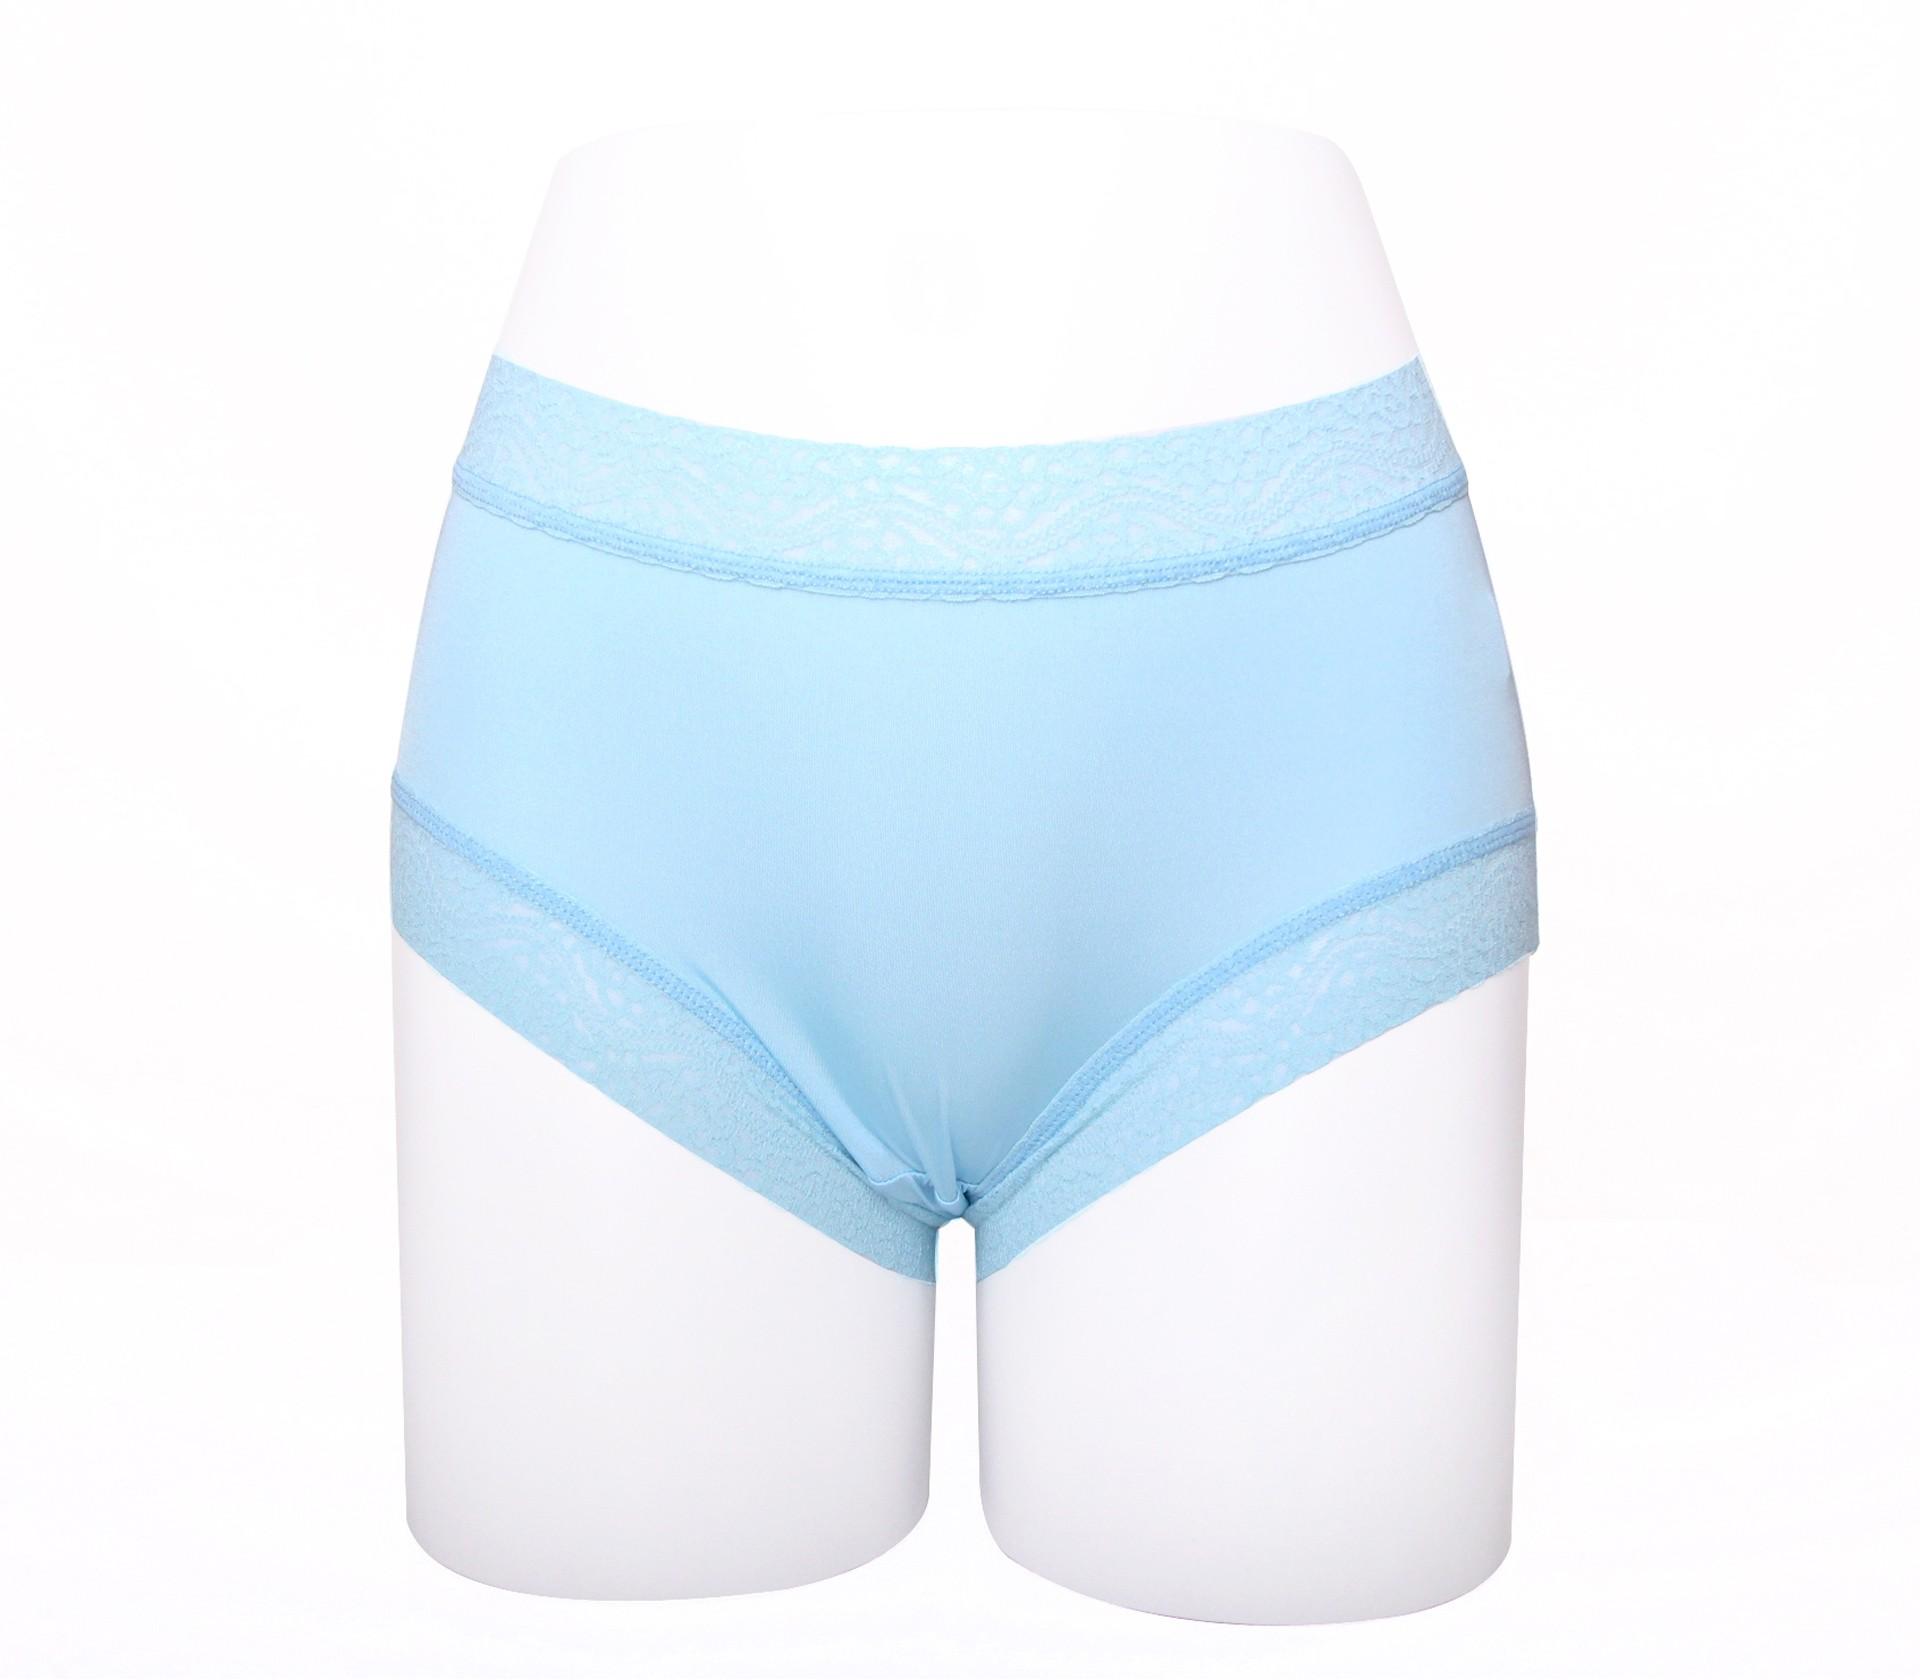 闕蘭絹簡約舒適100%蠶絲內褲-8879(淺藍)